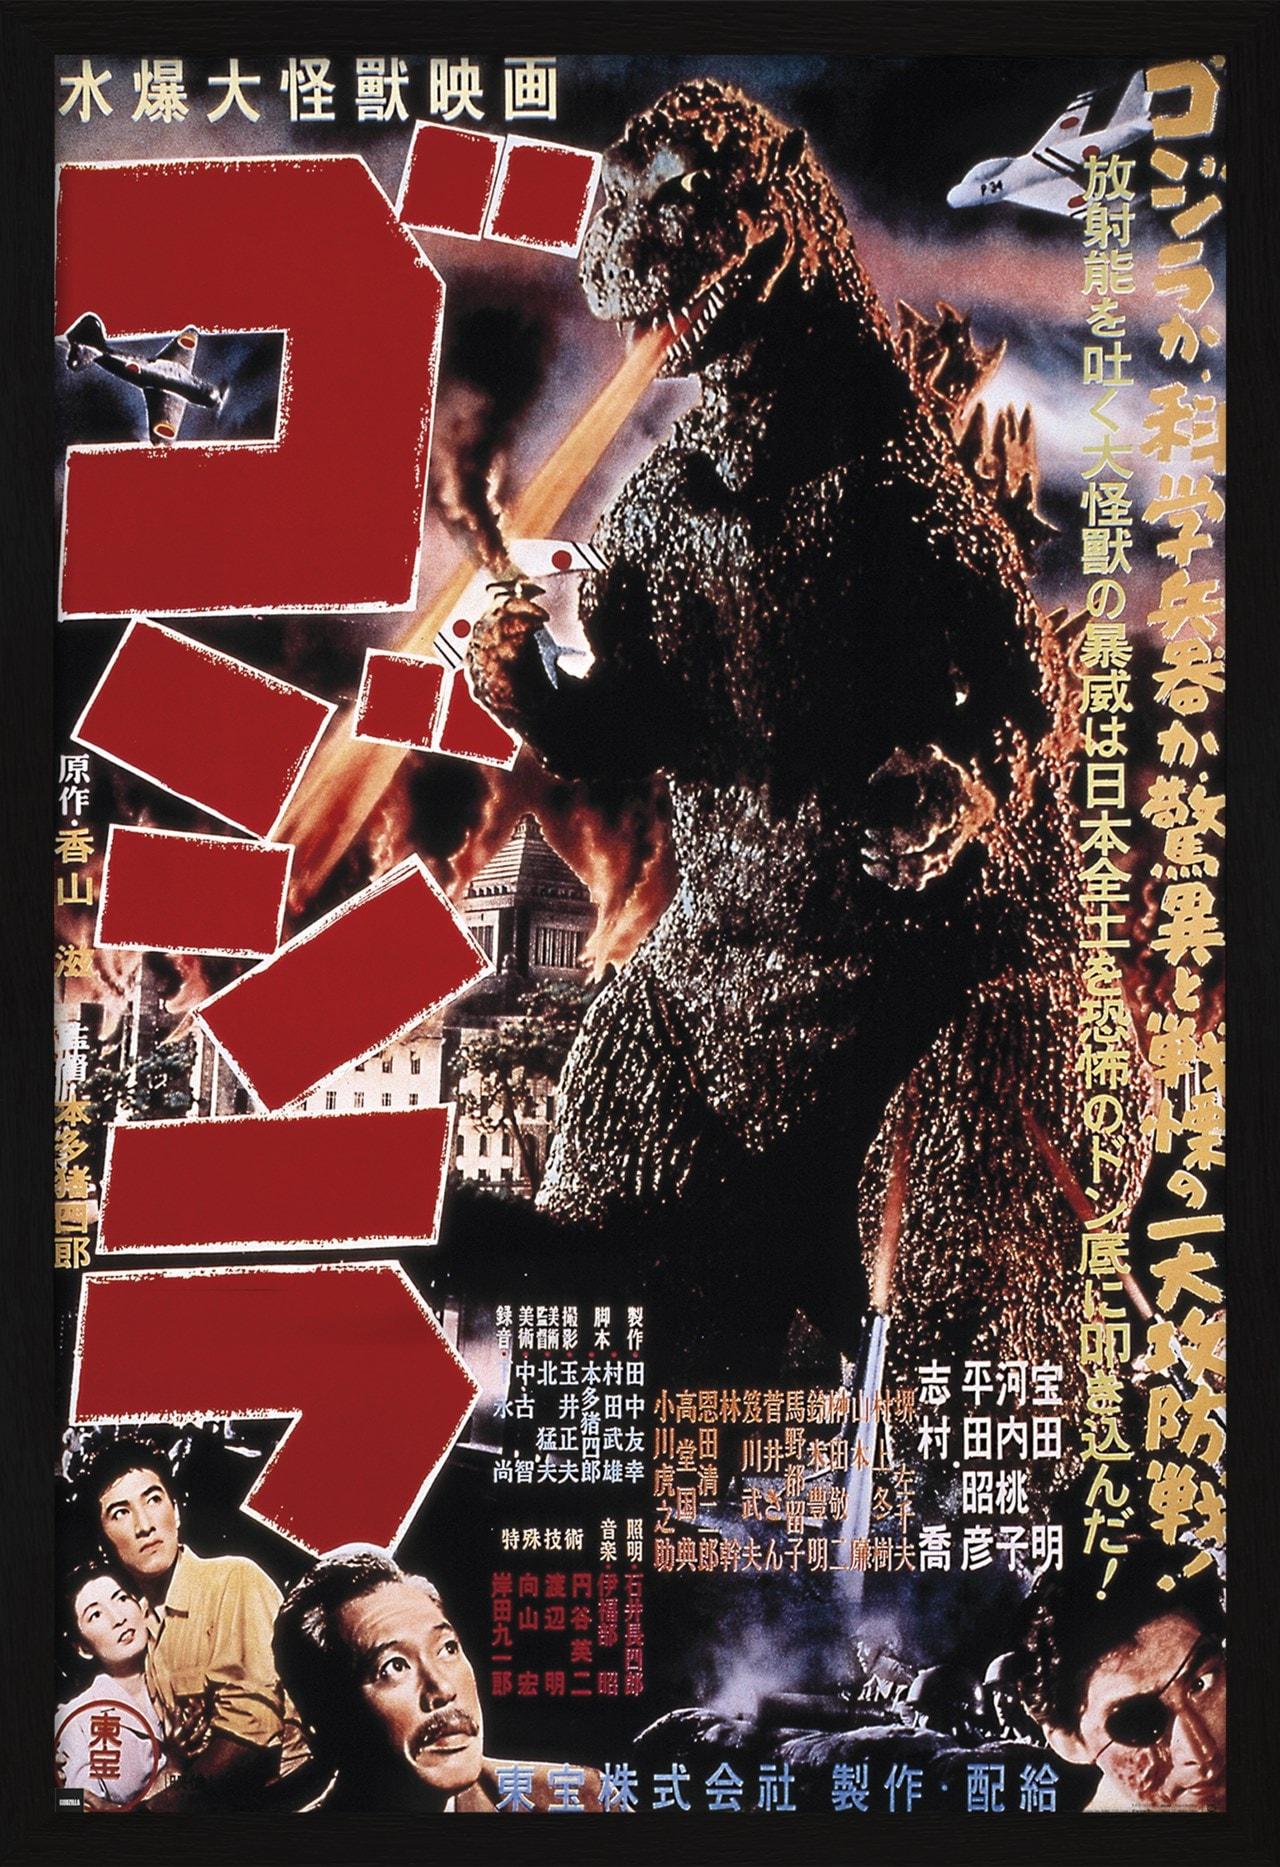 Godzilla 1954: Framed Maxi Poster - 1